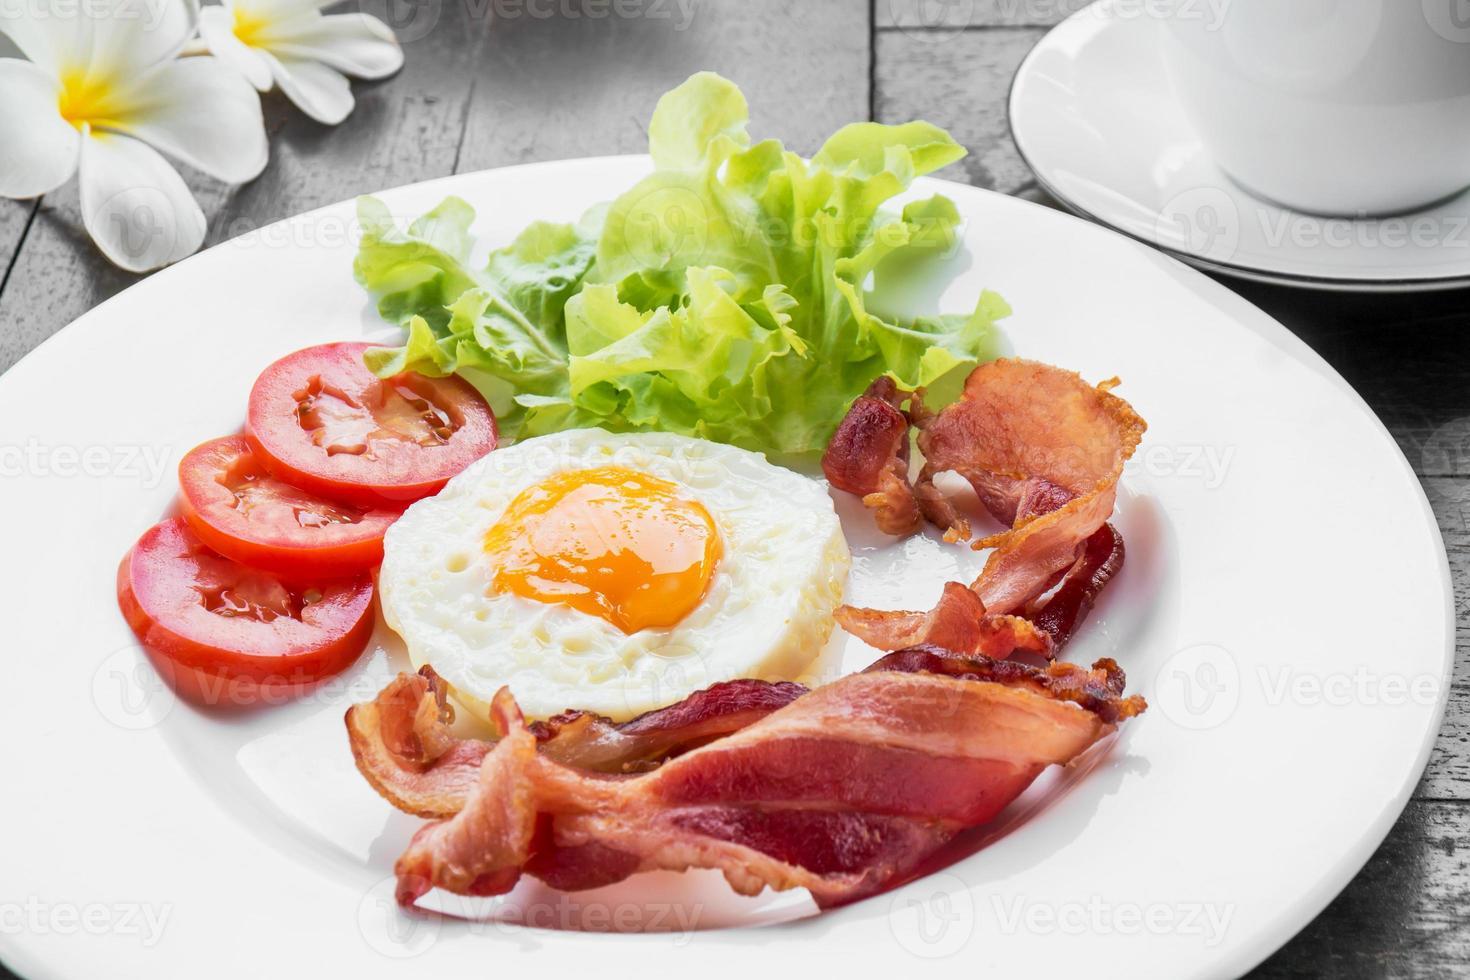 ontbijt met gebakken ei, spek en koffiekopje foto